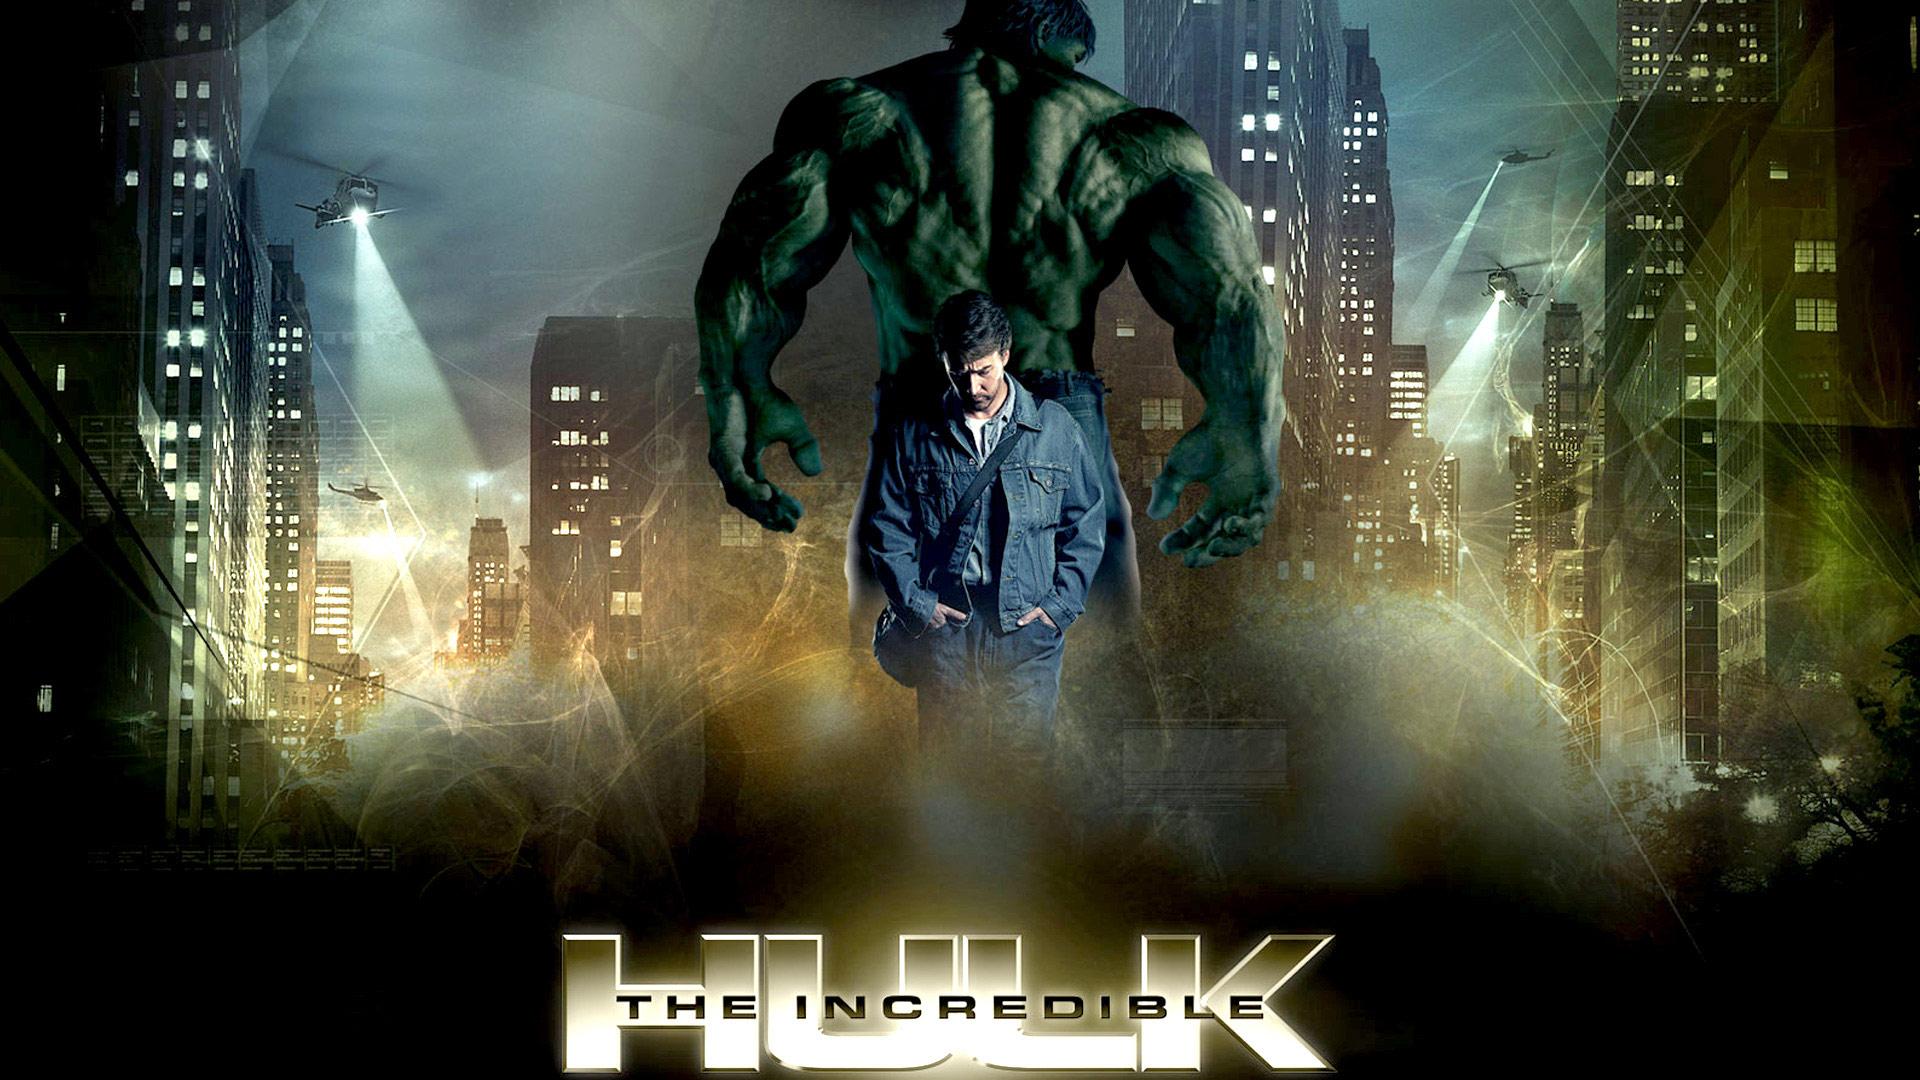 Incredible Hulk Wallpaper Incredible Hulk 131432 Hd